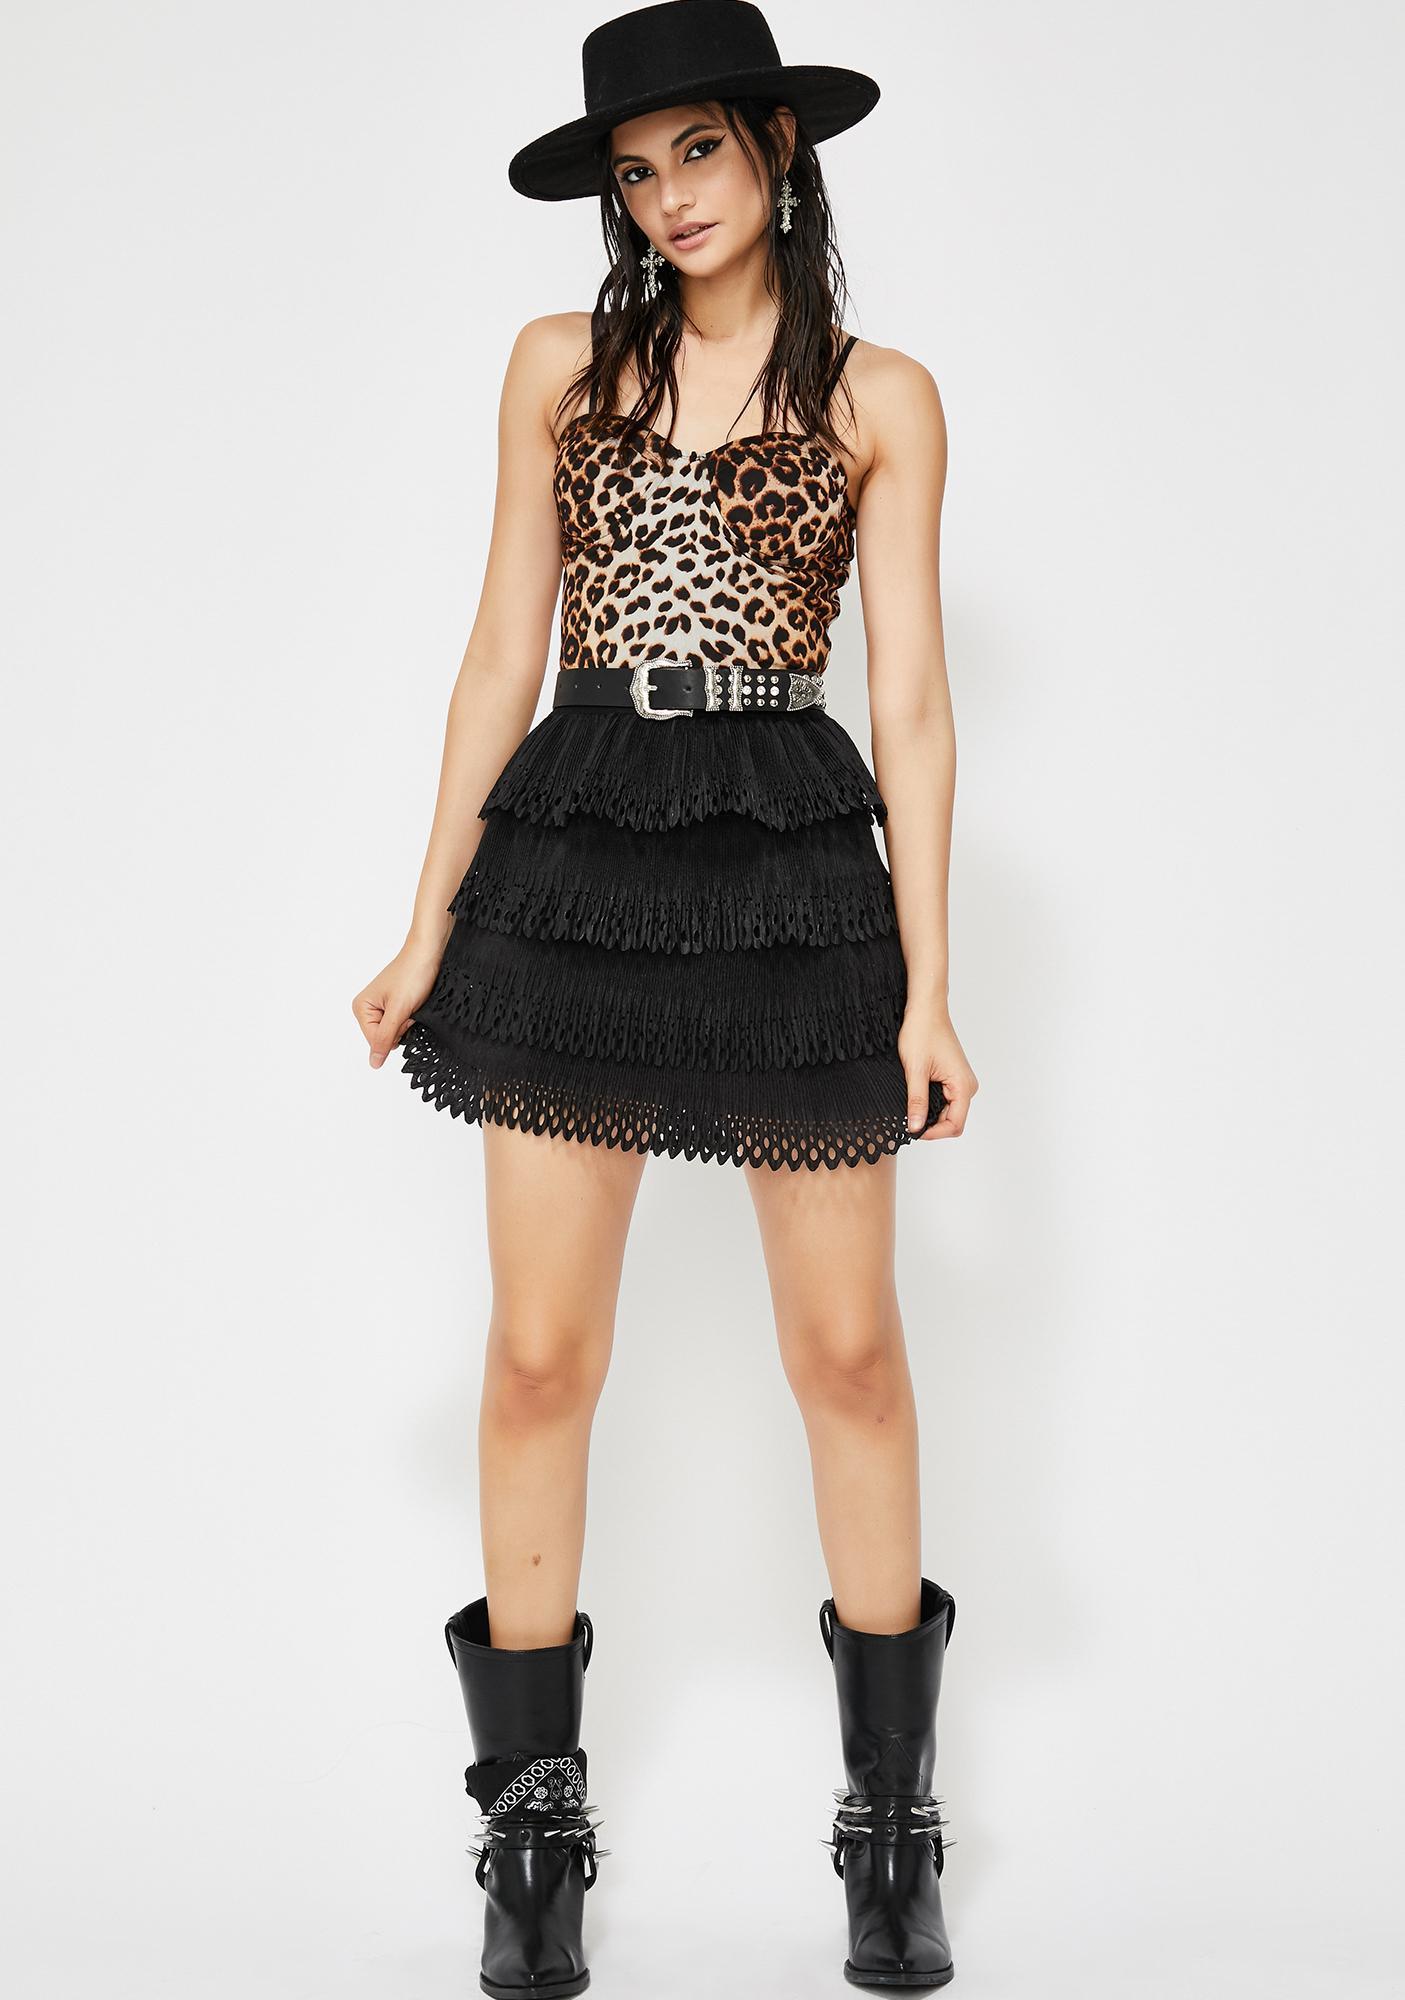 Pounce N' Play Leopard Bodysuit